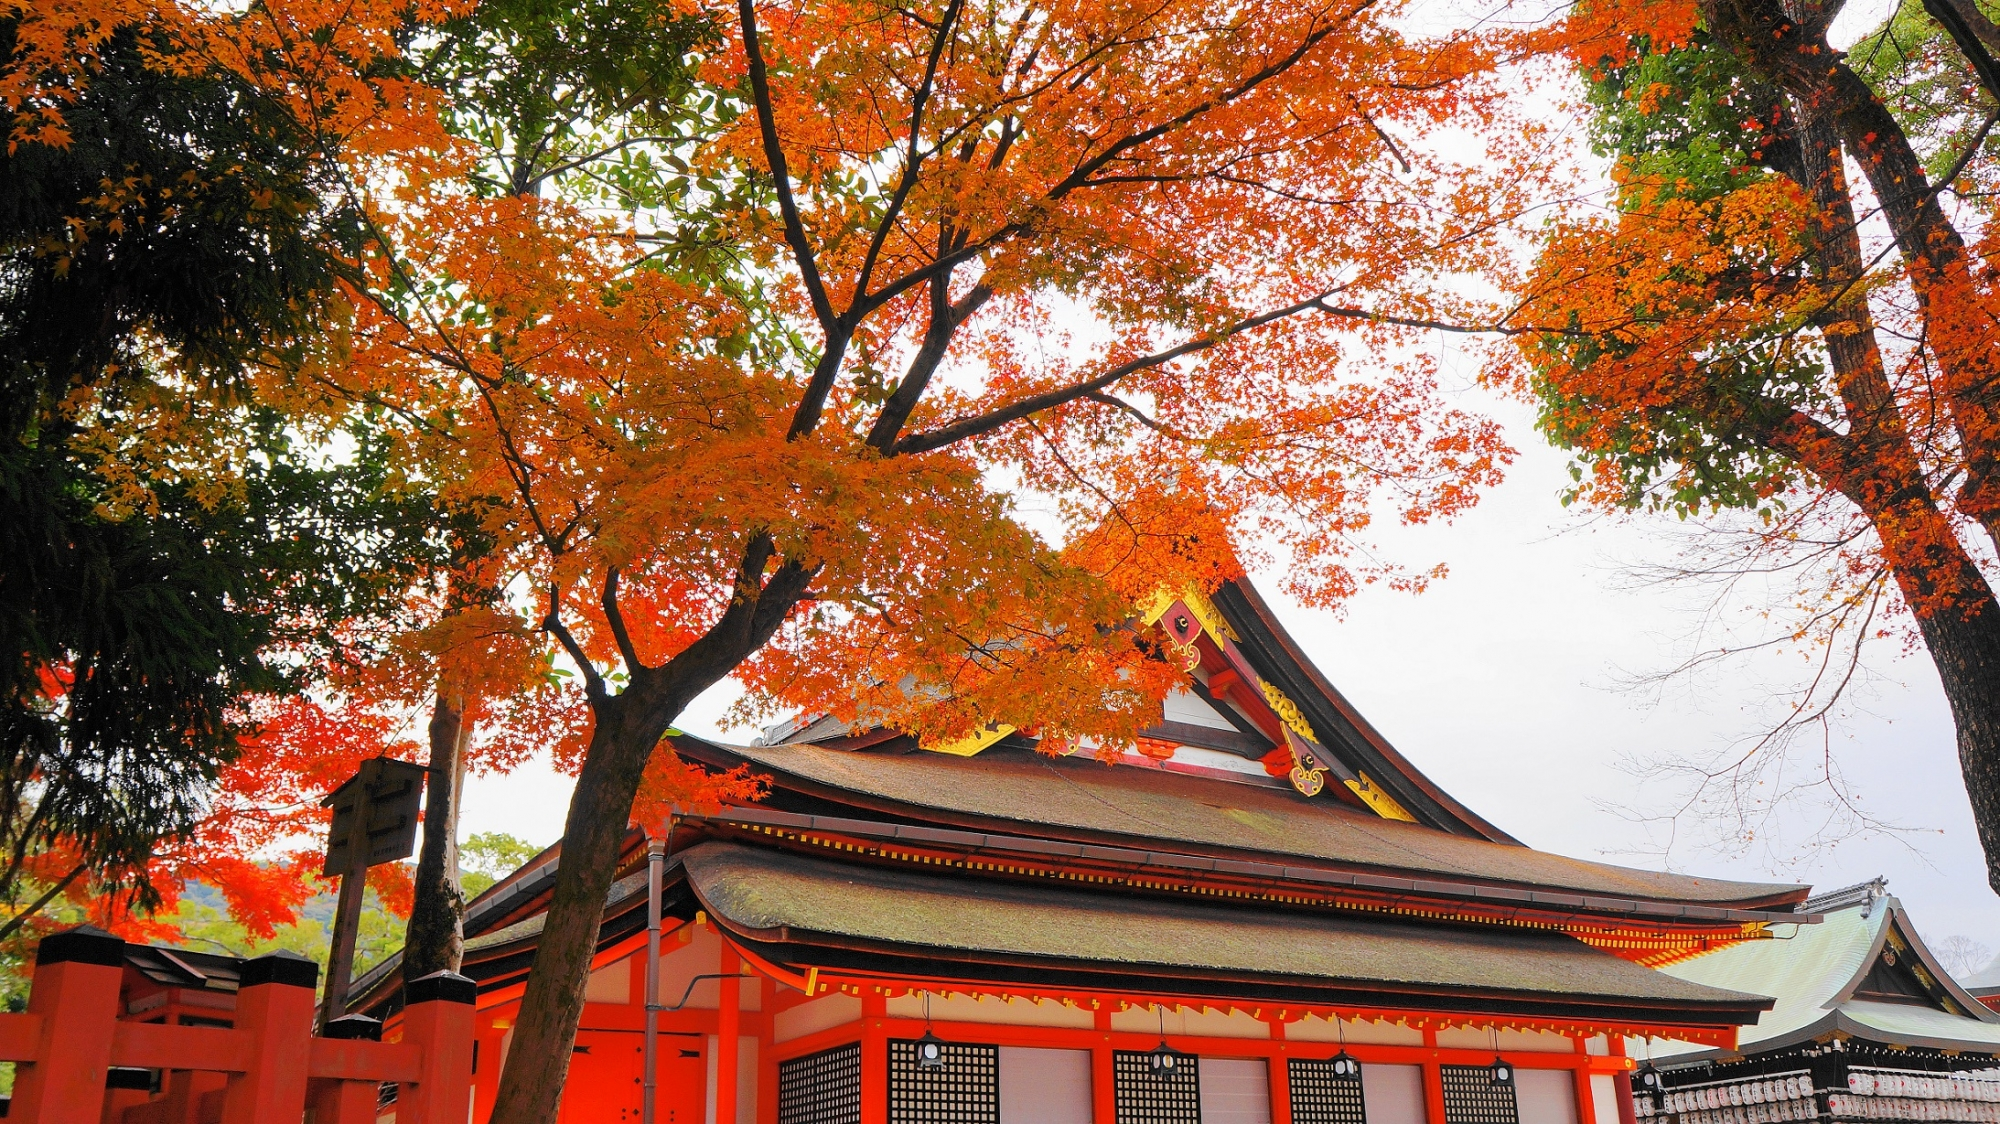 八坂神社 本殿 紅葉